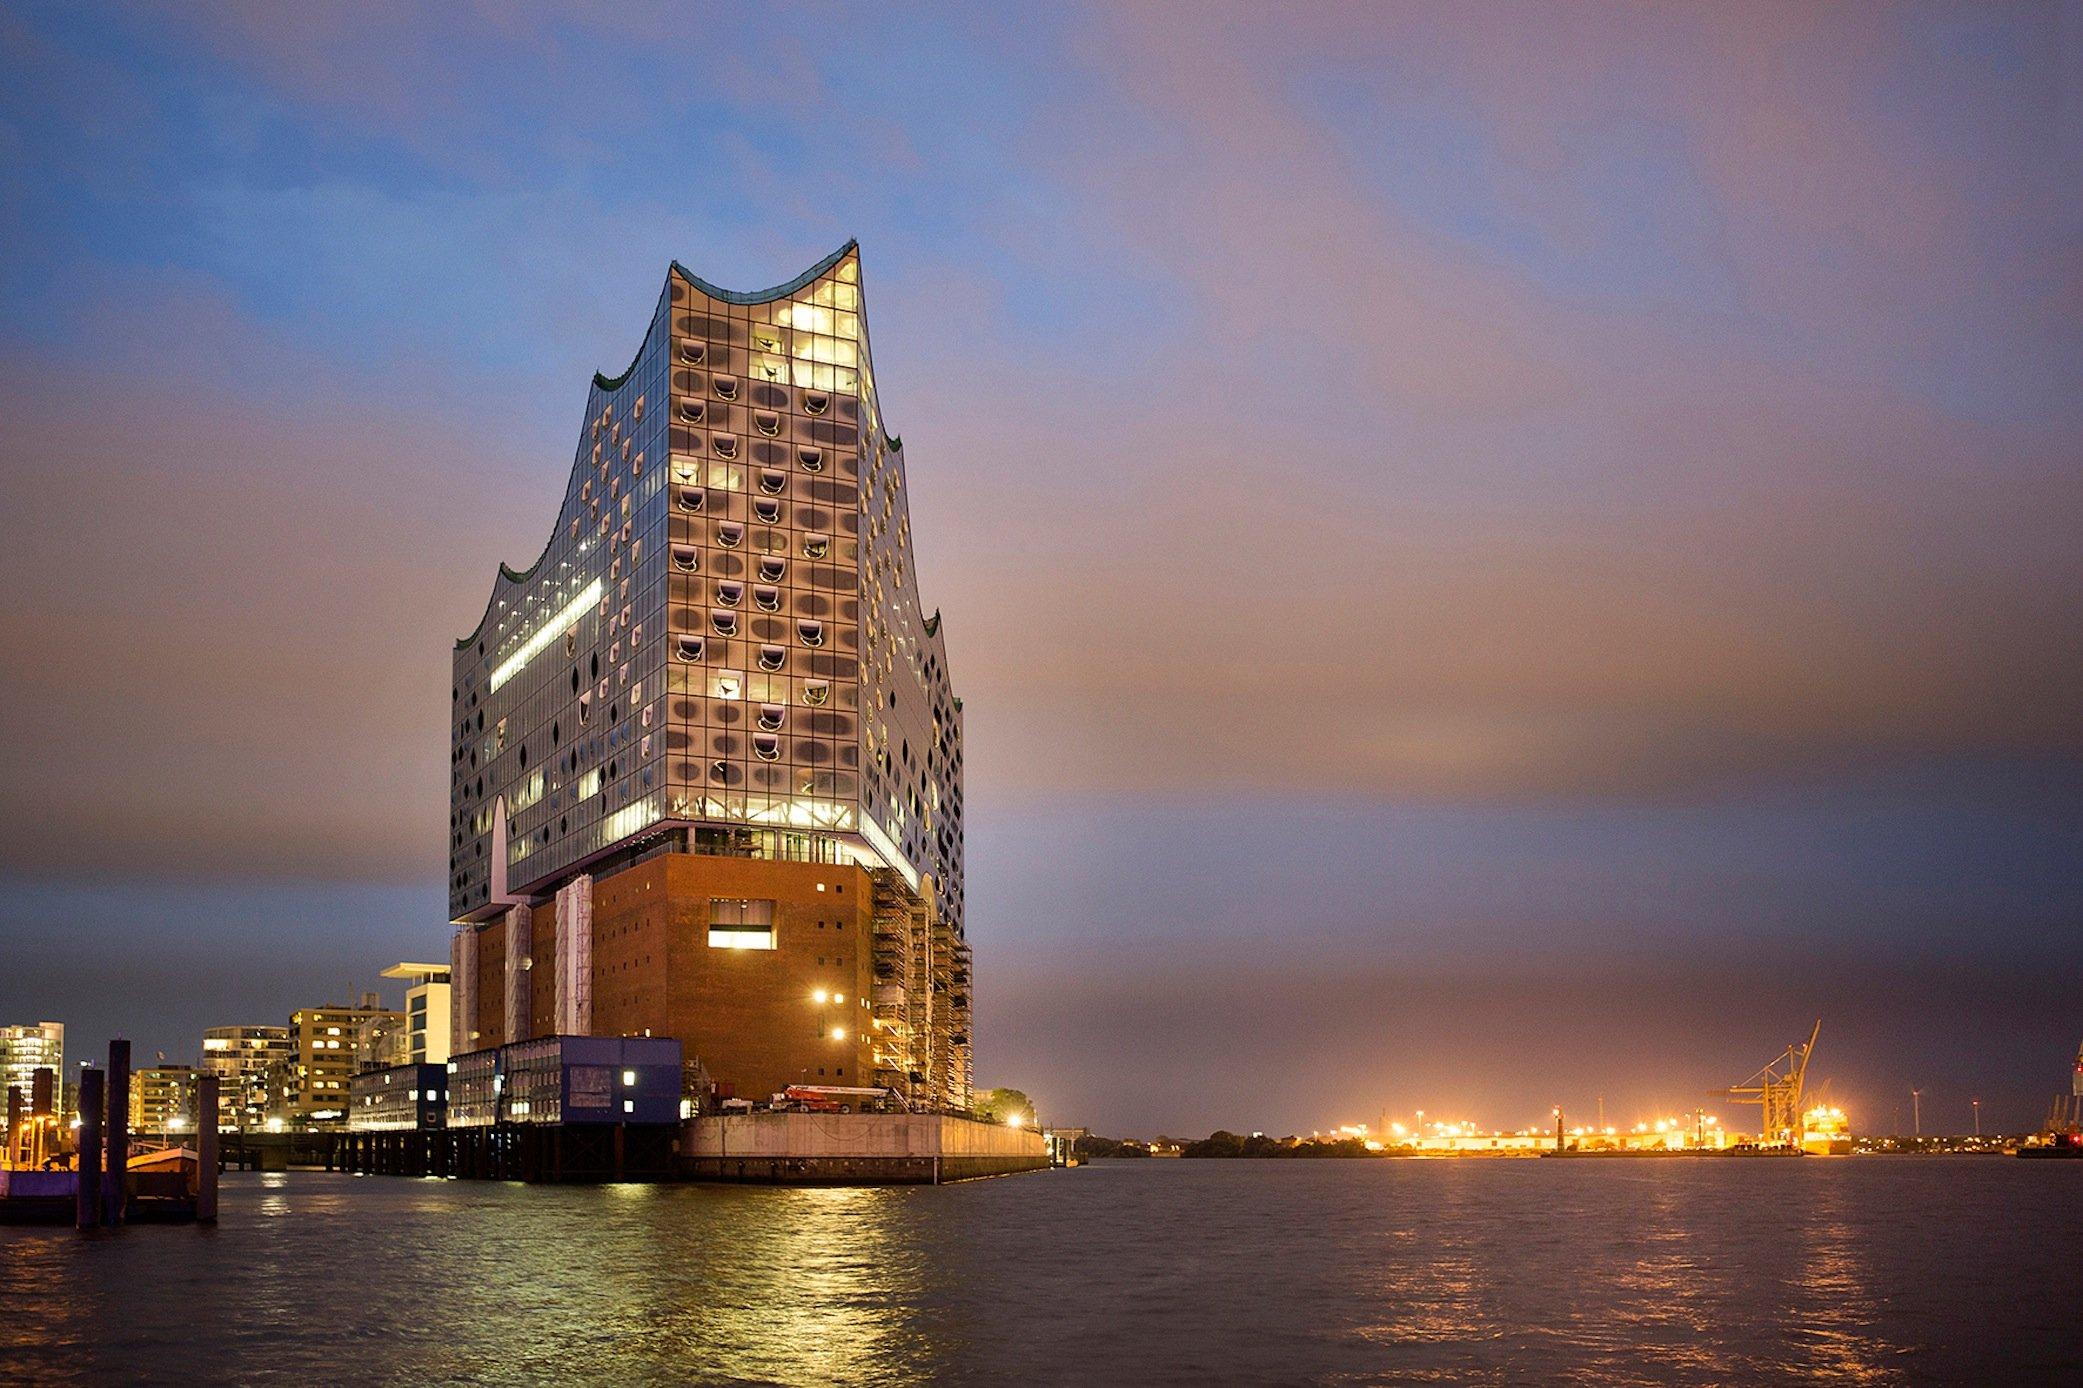 Trotz der Verteuerung und langen Bauzeit: Die Elbphilharmonie ist bereits ein neues Hamburger Wahrzeichen geworden.